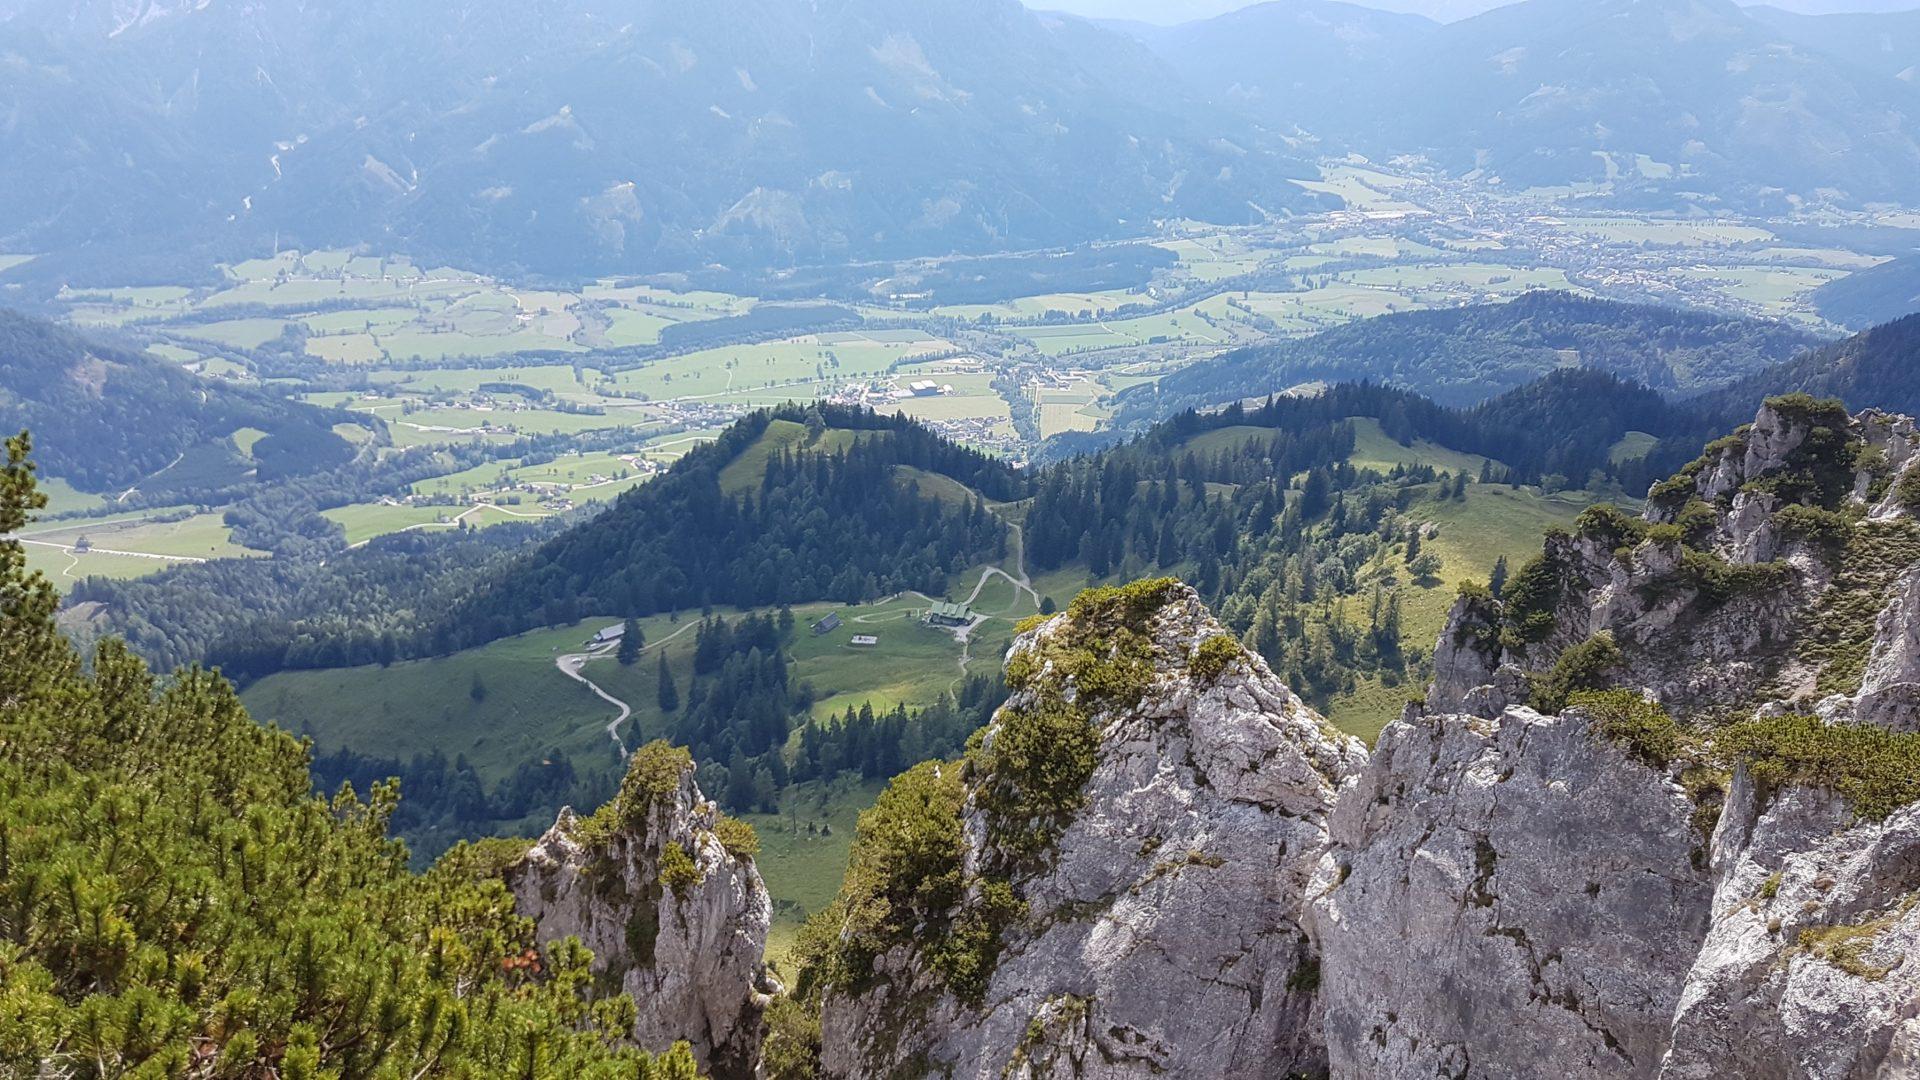 Klettersteig Leopoldsteinersee : Klettersteige im gesäuse umgebung privatzimmer und